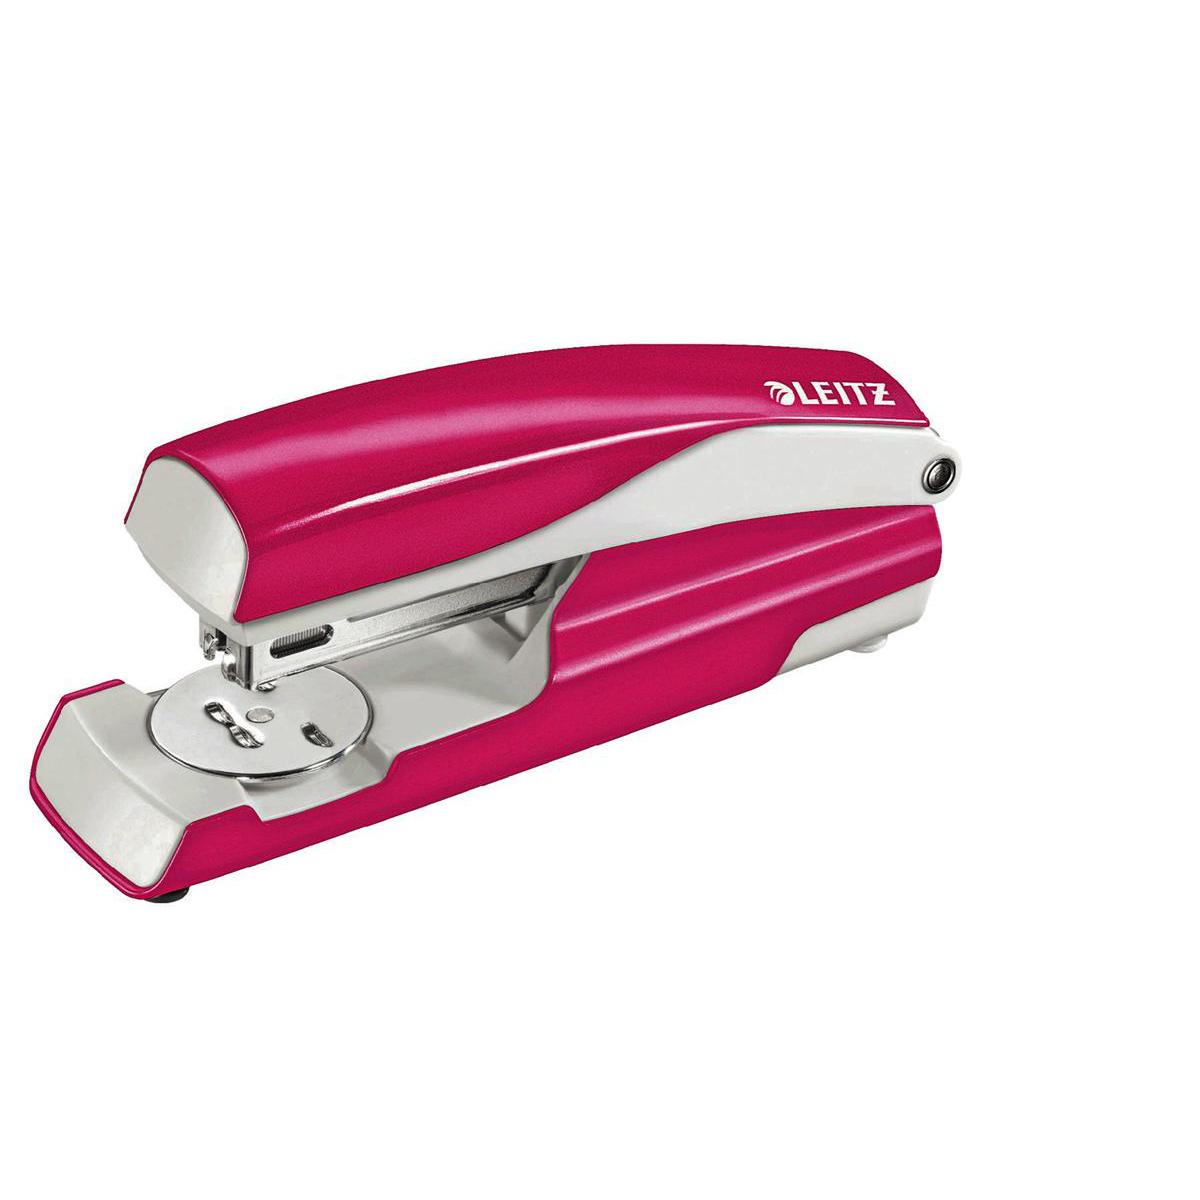 Leitz NeXXt WOW Stapler 3mm 30 Sheet Pink Ref 55021023L